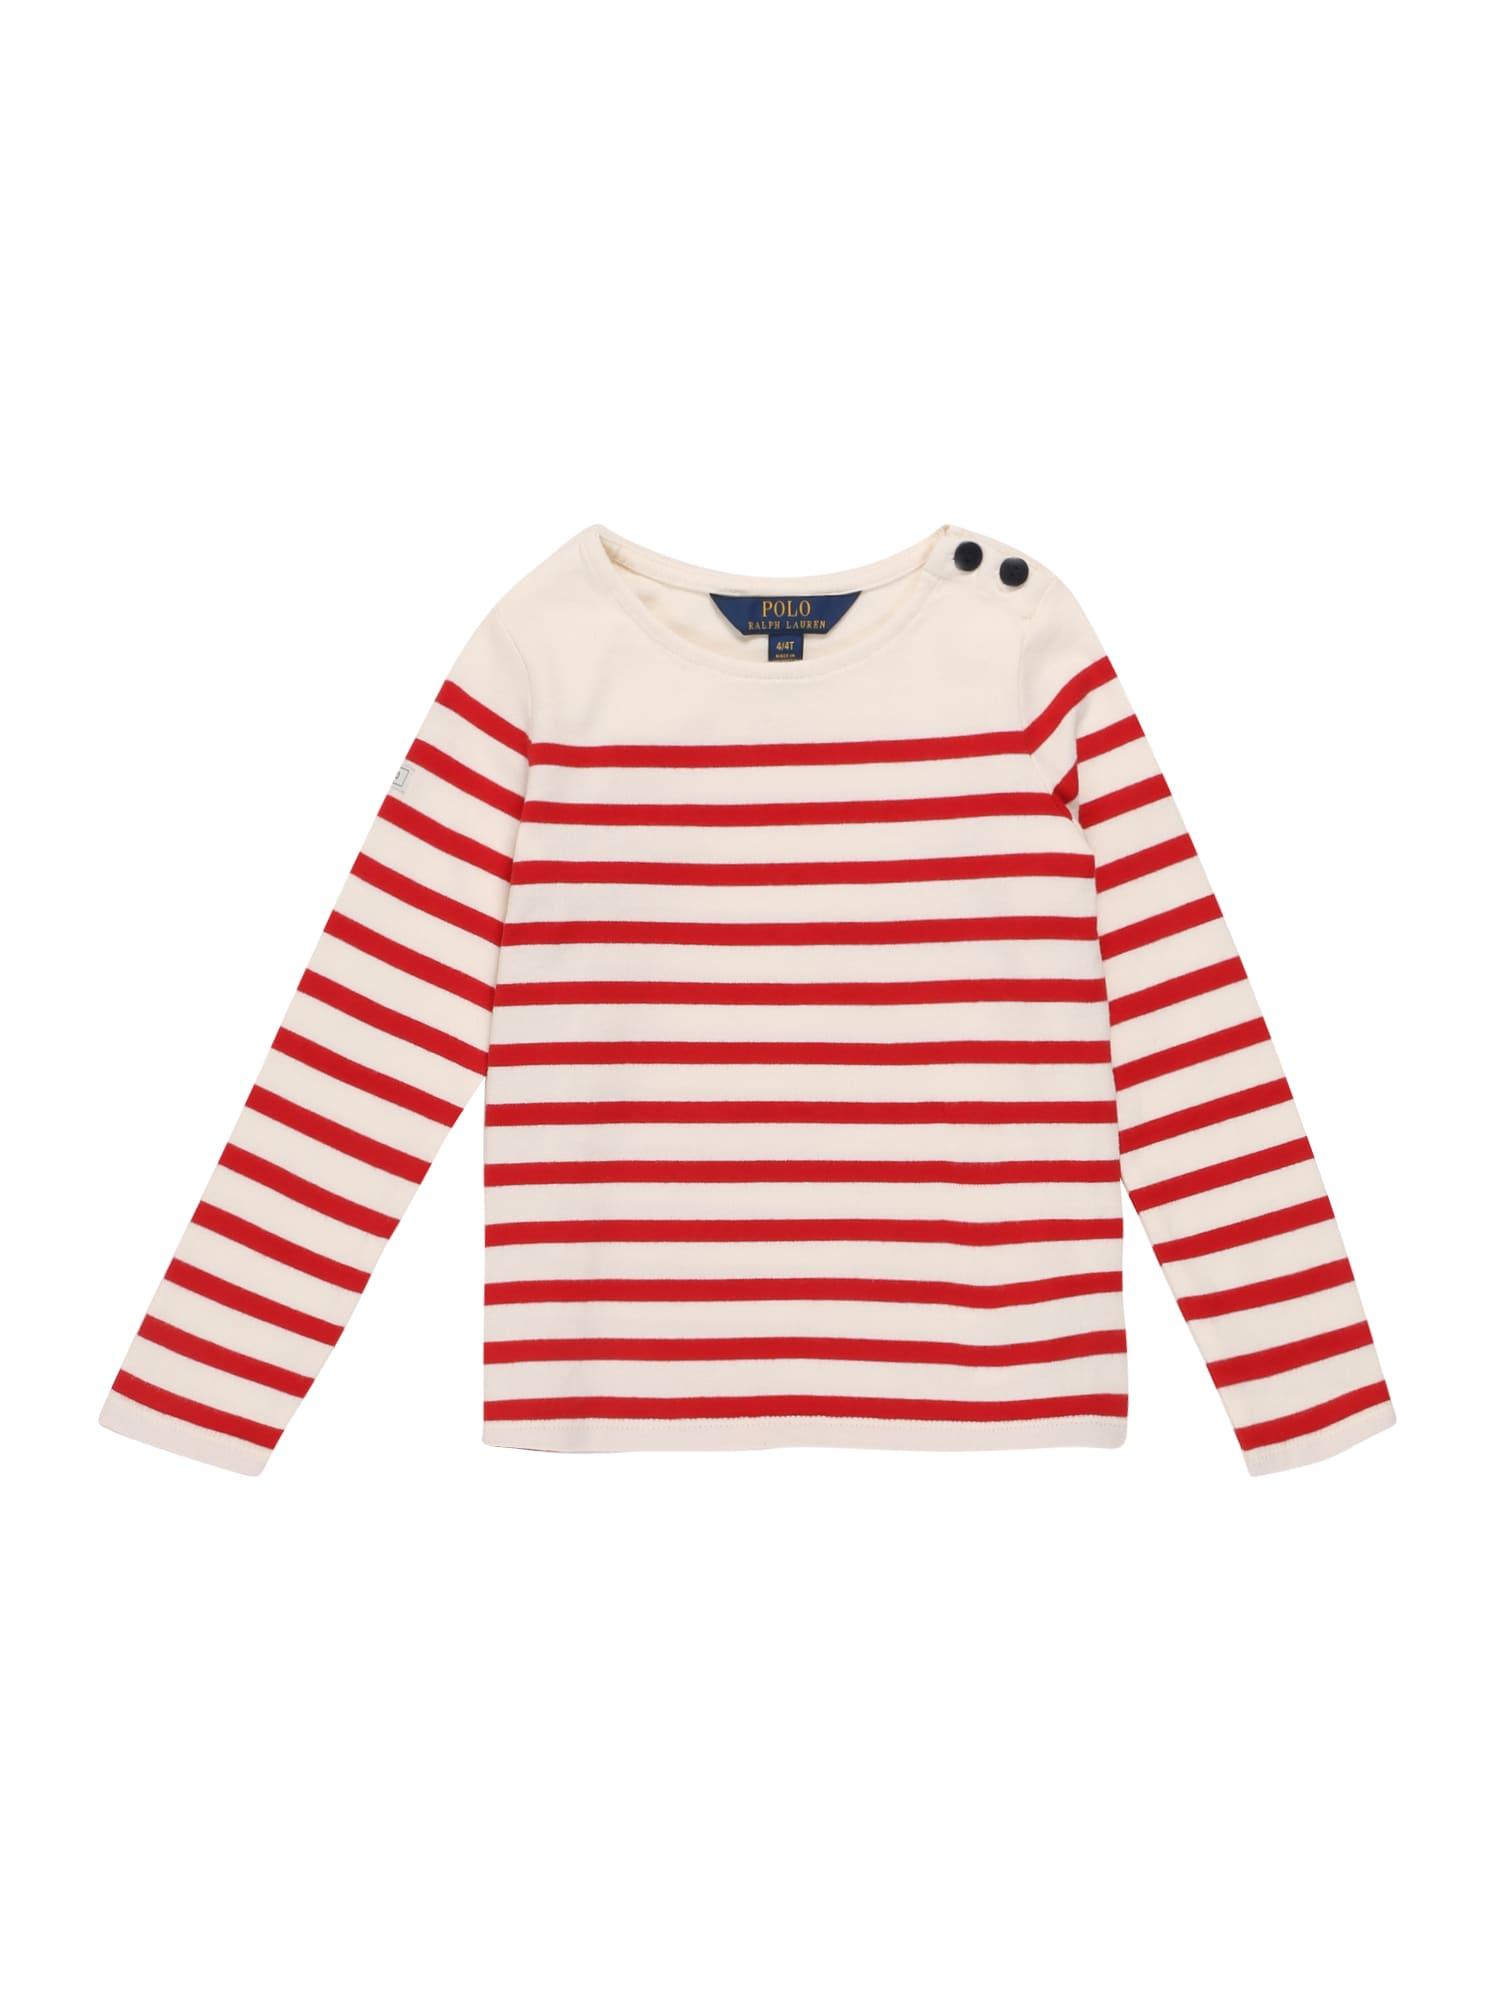 POLO RALPH LAUREN Marškinėliai raudona / balta